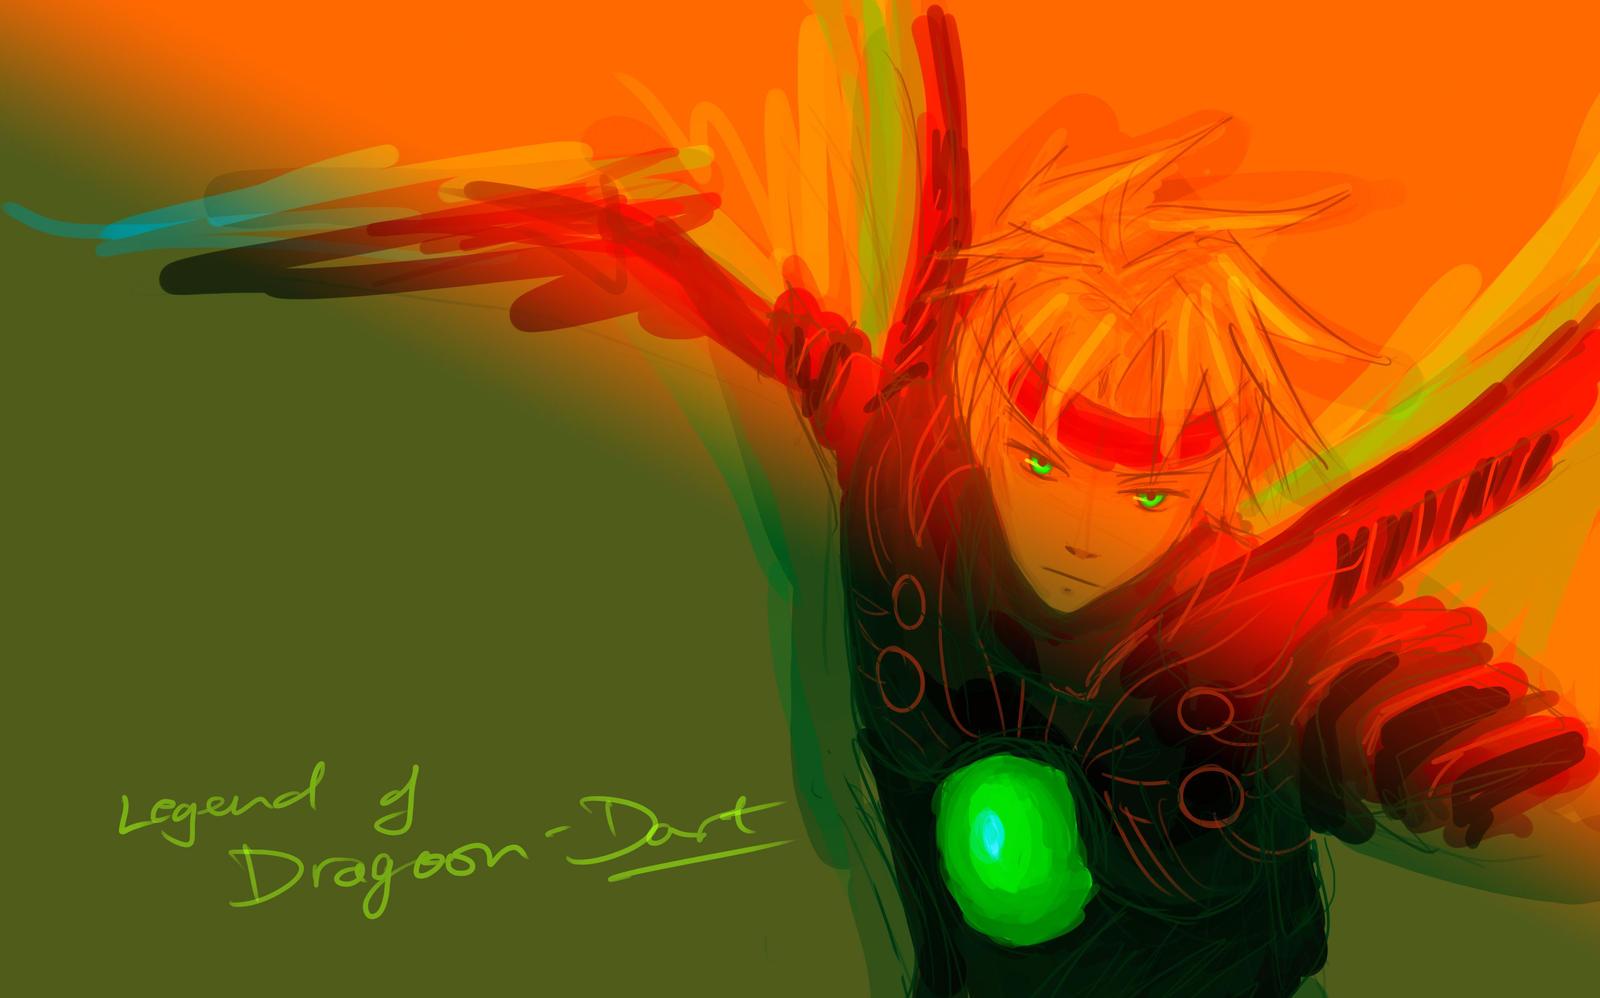 Legend of Dragoon - Dart fanart by JDWasabi